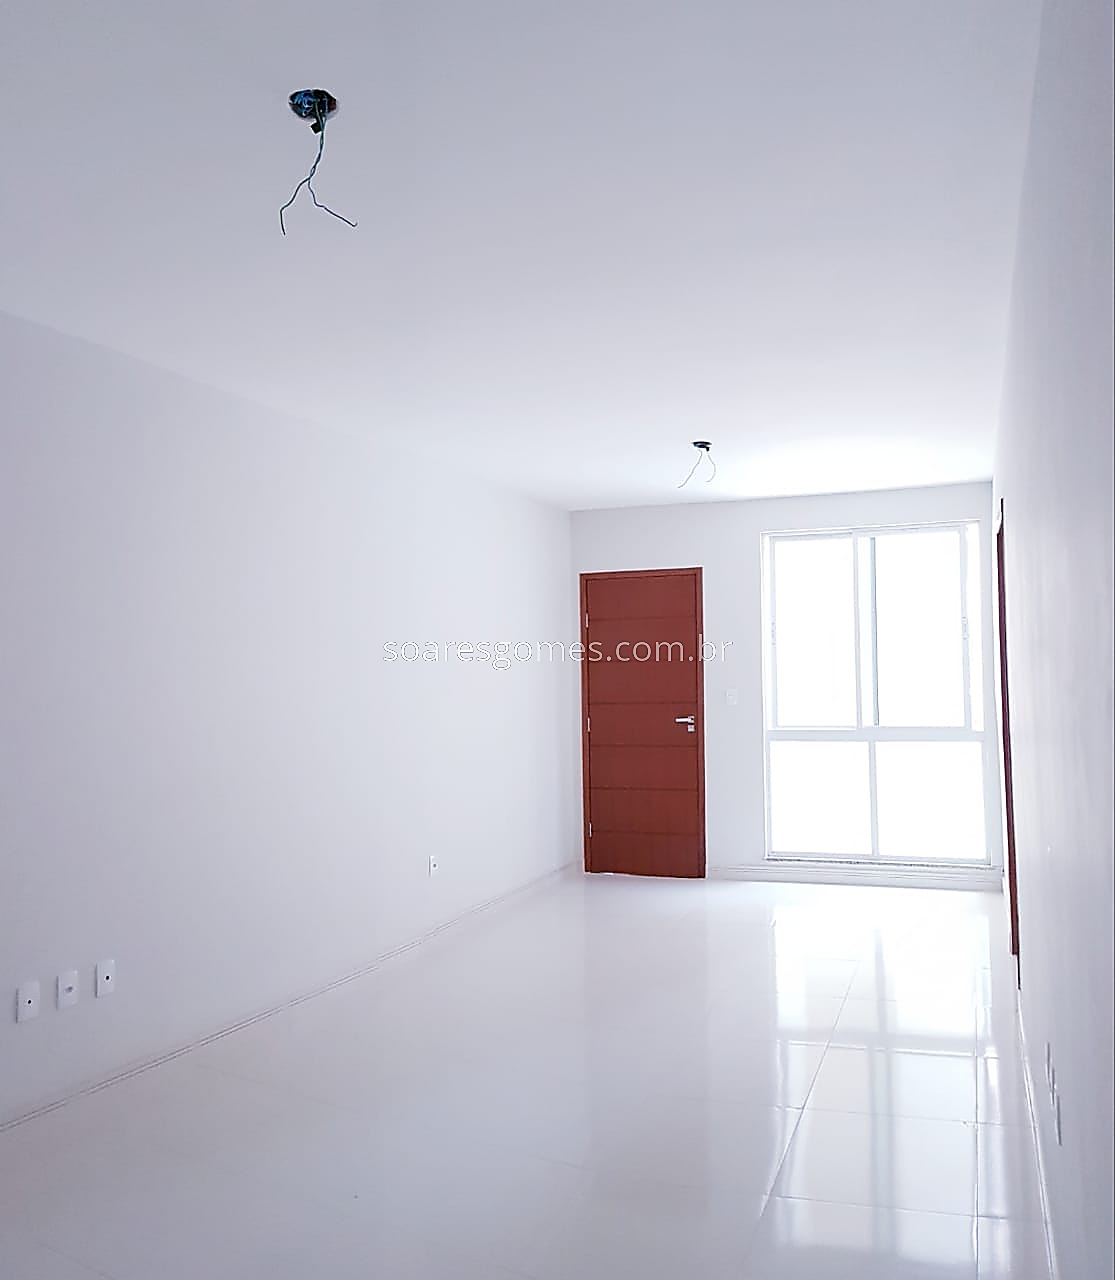 Apartamento à venda em Granbery, Juiz de Fora - MG - Foto 3